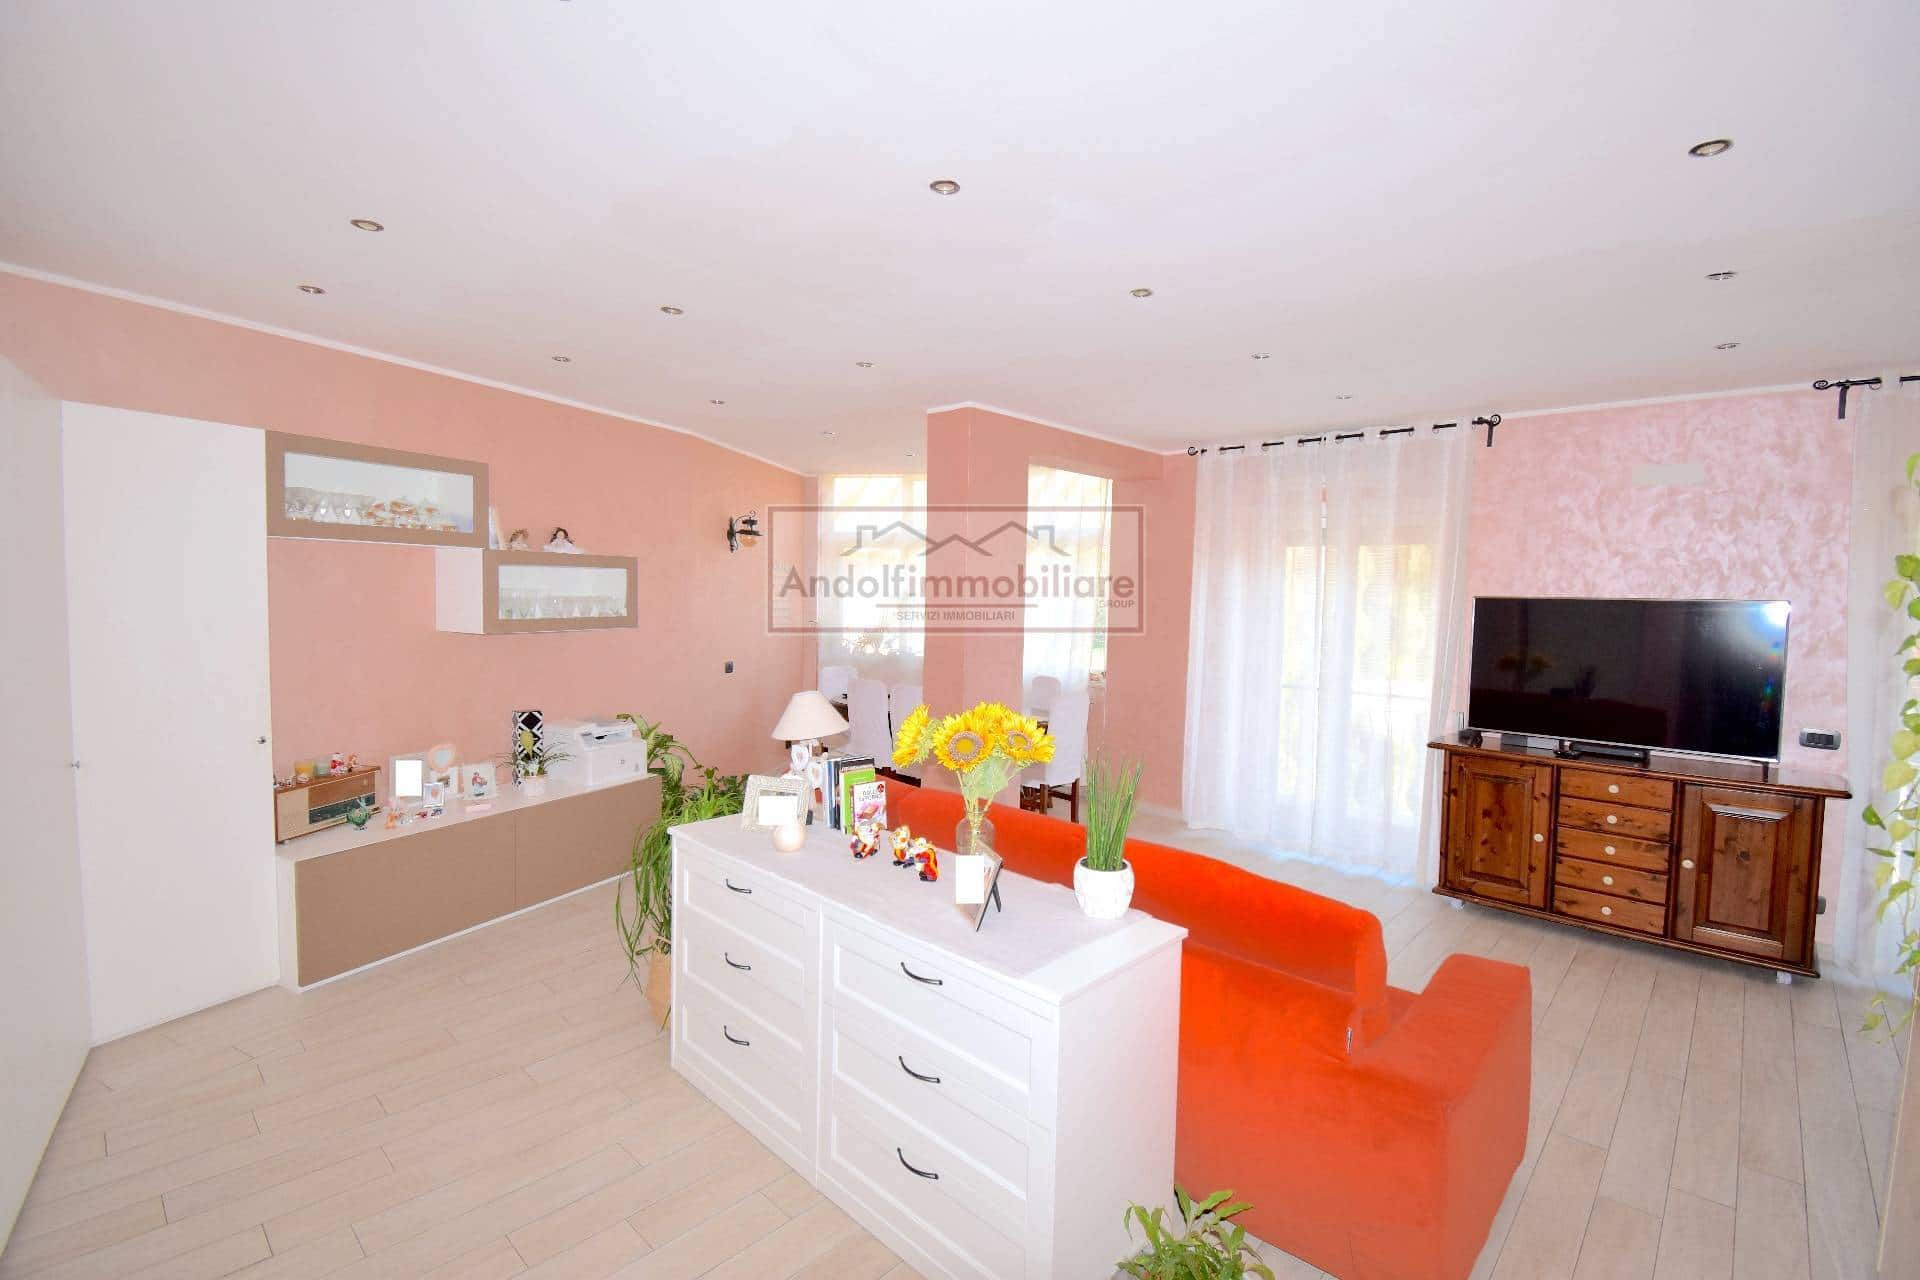 Itri zona centro. Appartamento ristrutturato con garage in vendita a Itri.